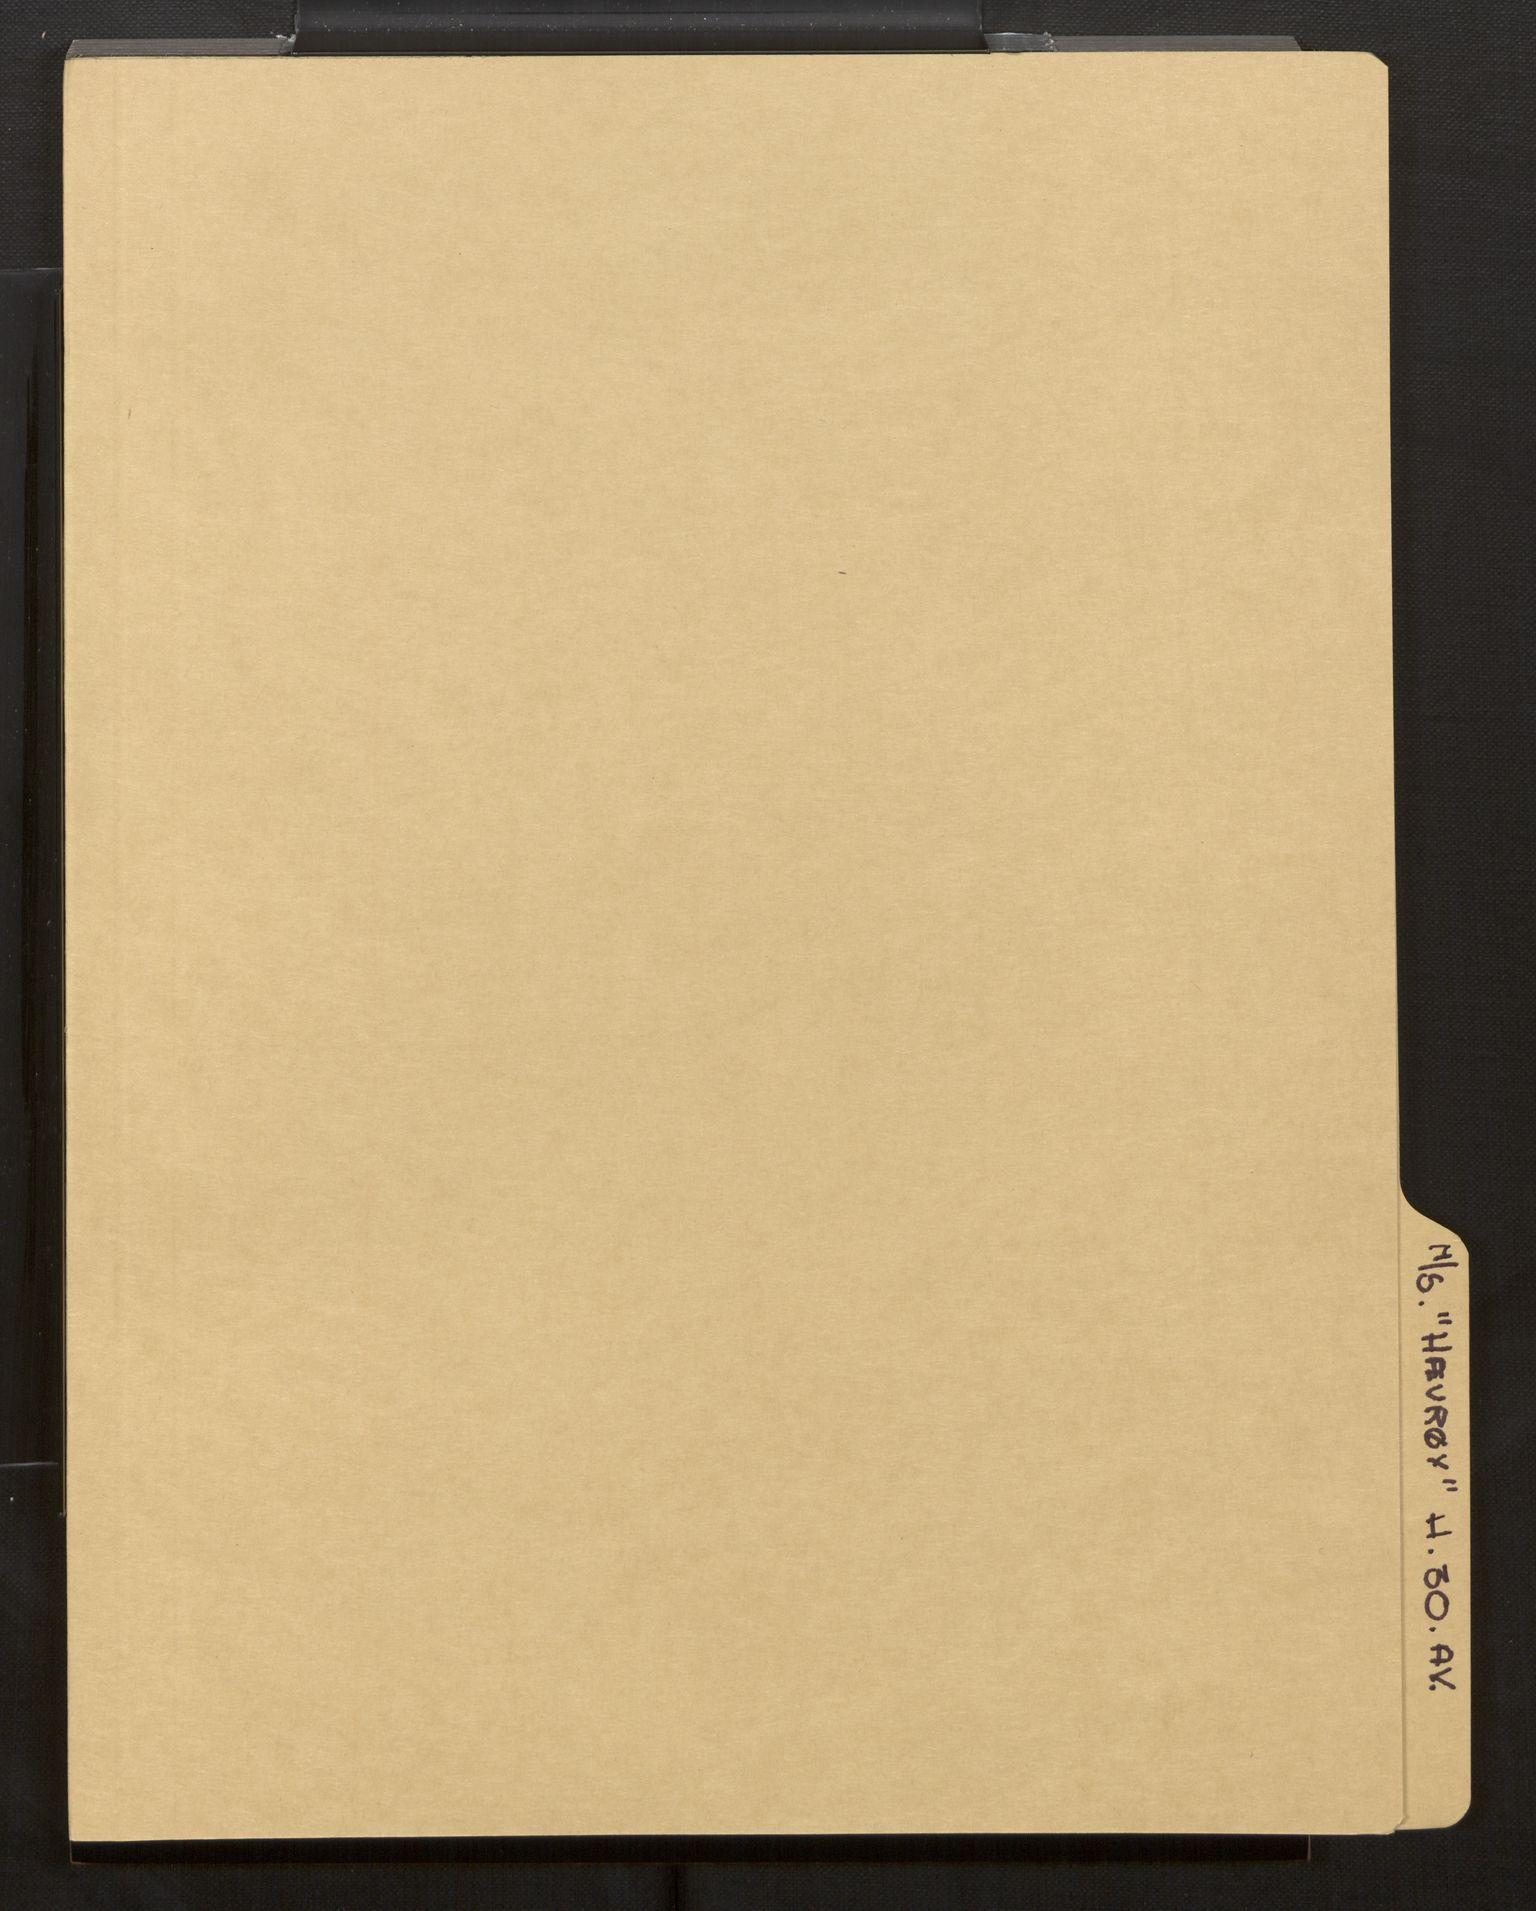 SAB, Fiskeridirektoratet - 1 Adm. ledelse - 13 Båtkontoret, La/L0042: Statens krigsforsikring for fiskeflåten, 1936-1971, p. 377